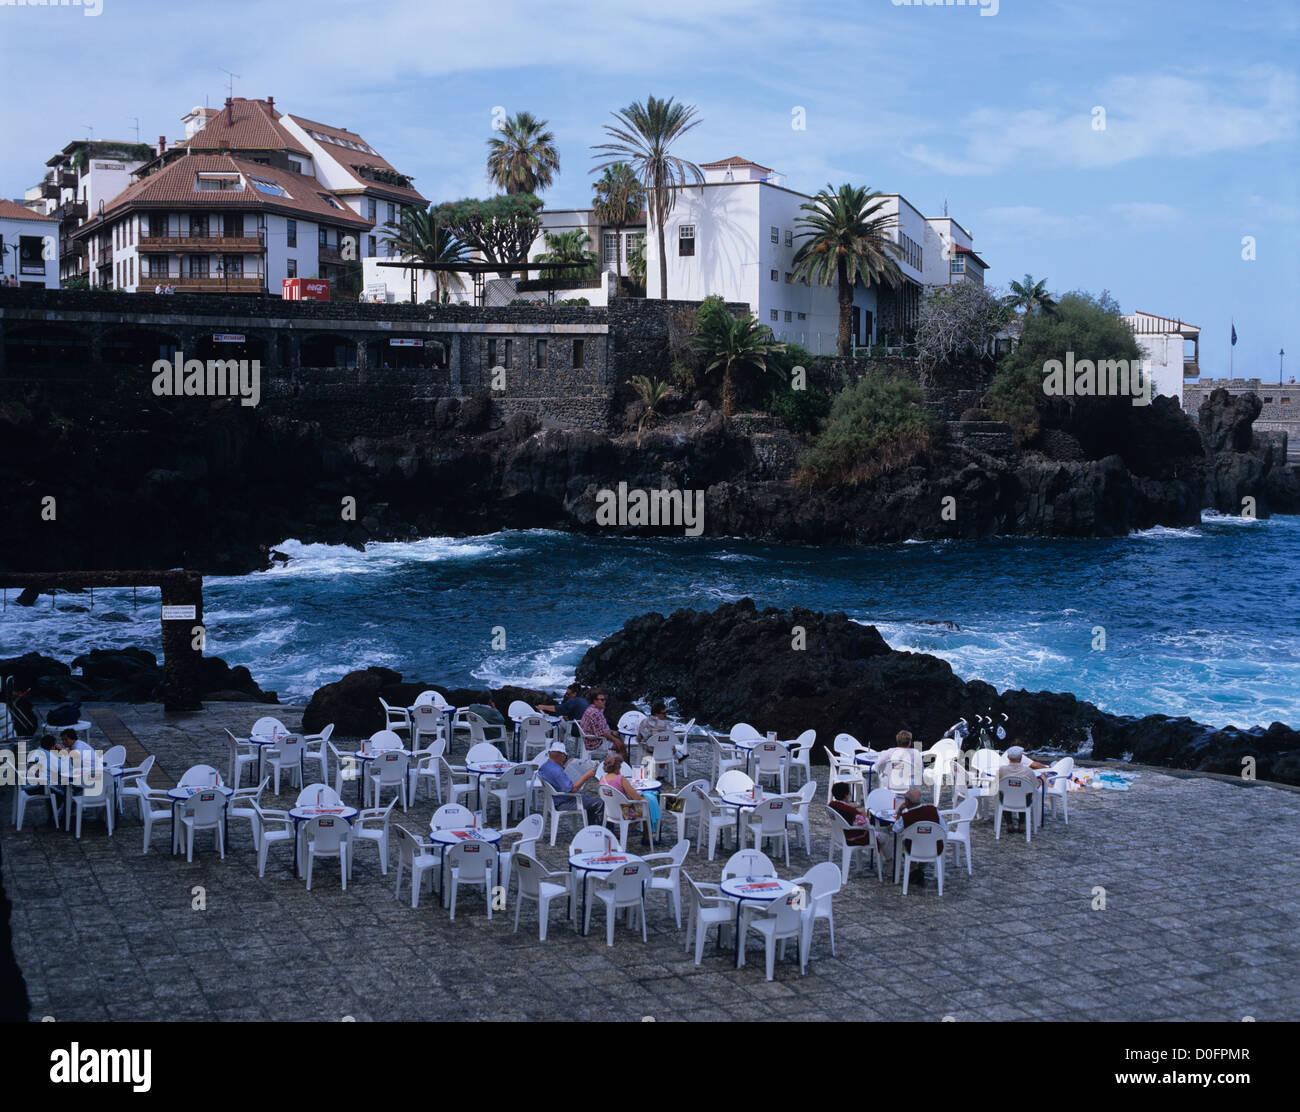 Hotel Blue Sea Puerto Resort Puerto De La Cruz Spain